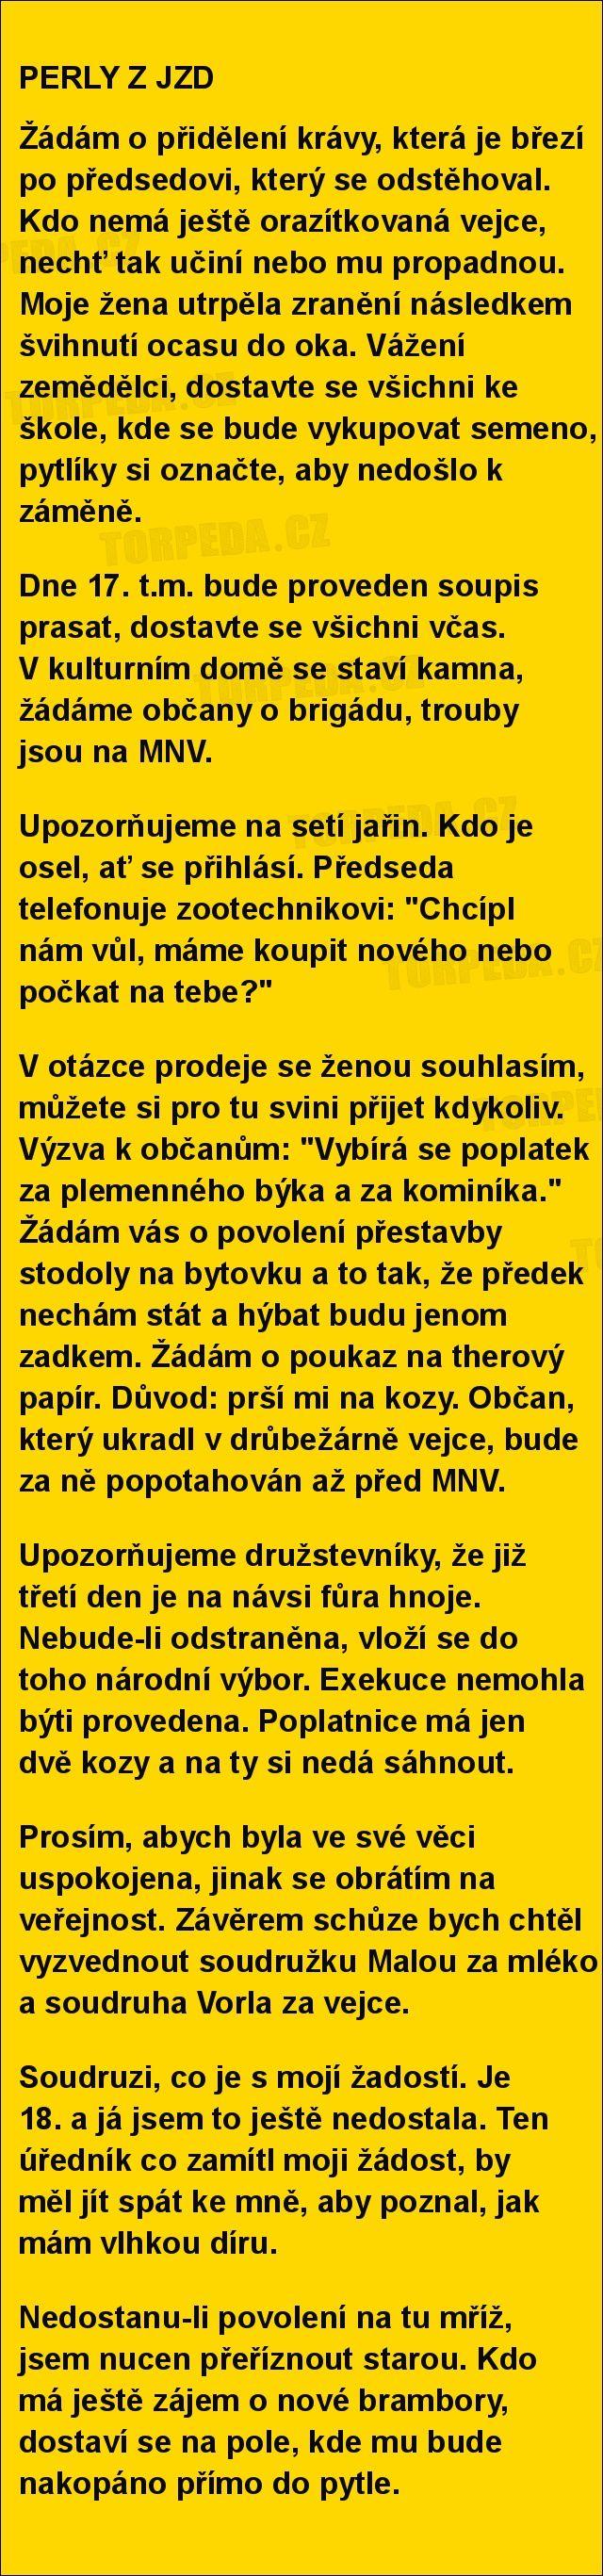 PERLY Z JZD | torpeda.cz - vtipné obrázky, vtipy a videa